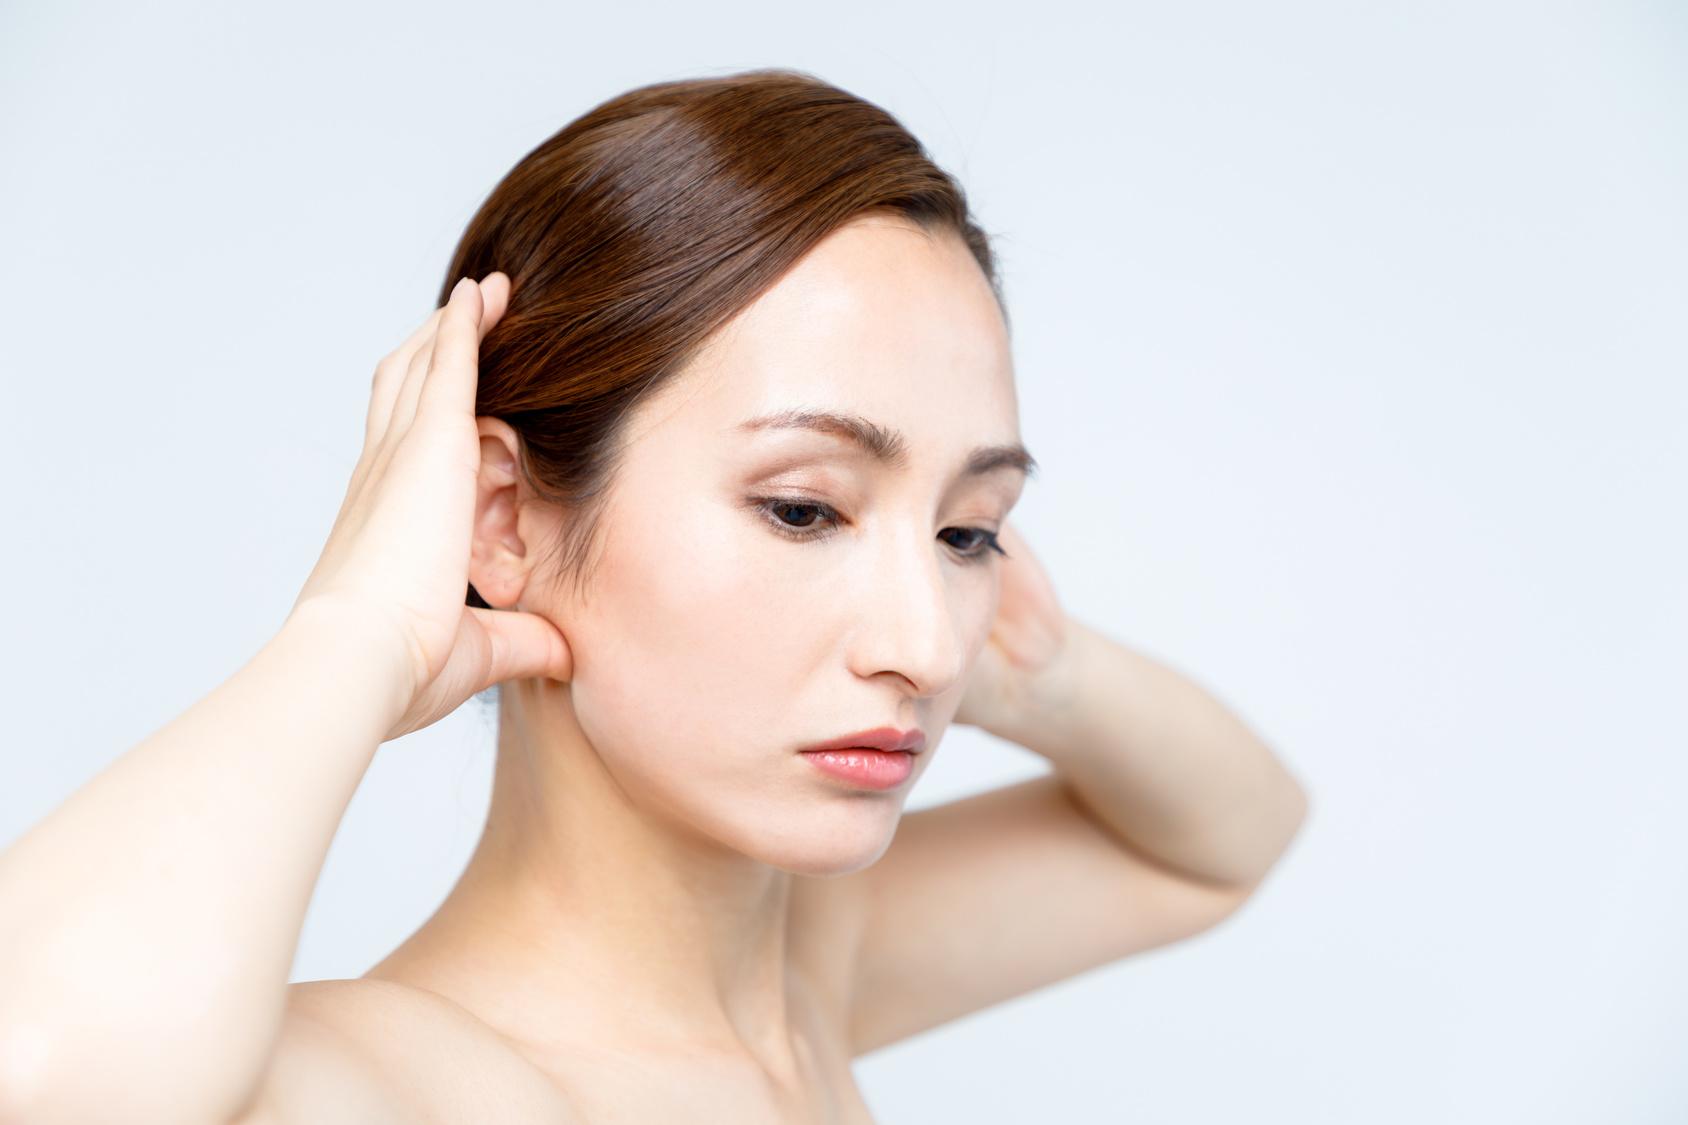 顔のたるみを改善するにはヘッドマッサージがおすすめ!